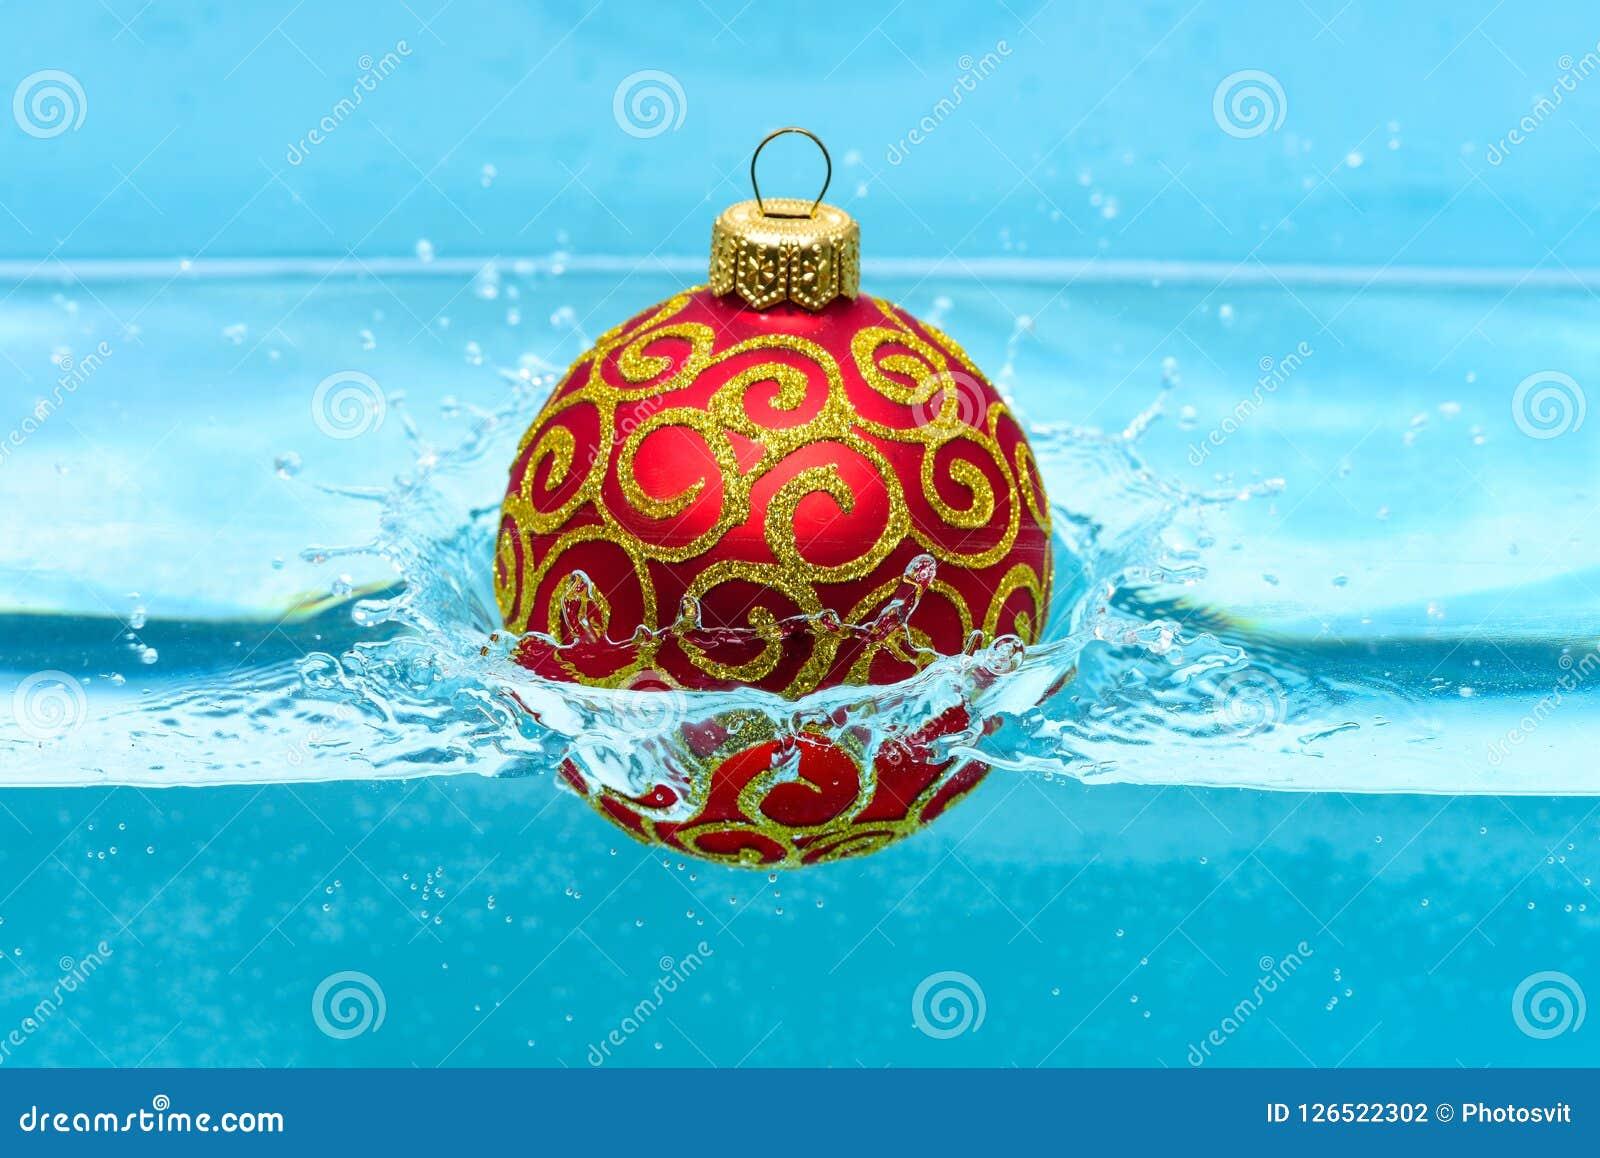 Праздники и концепция каникул Праздничное украшение для рождественской елки, красный шарик с оформлением яркого блеска упало в во